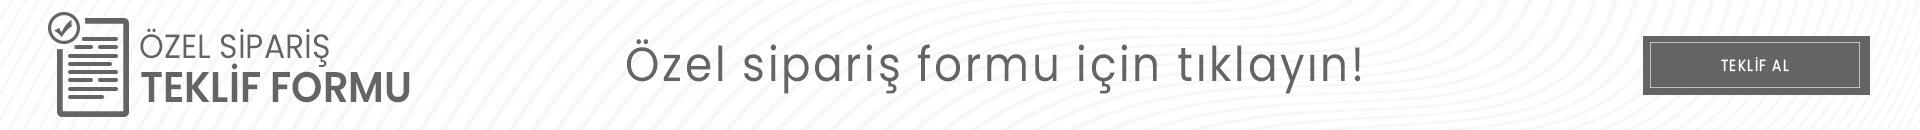 özel teklif formu